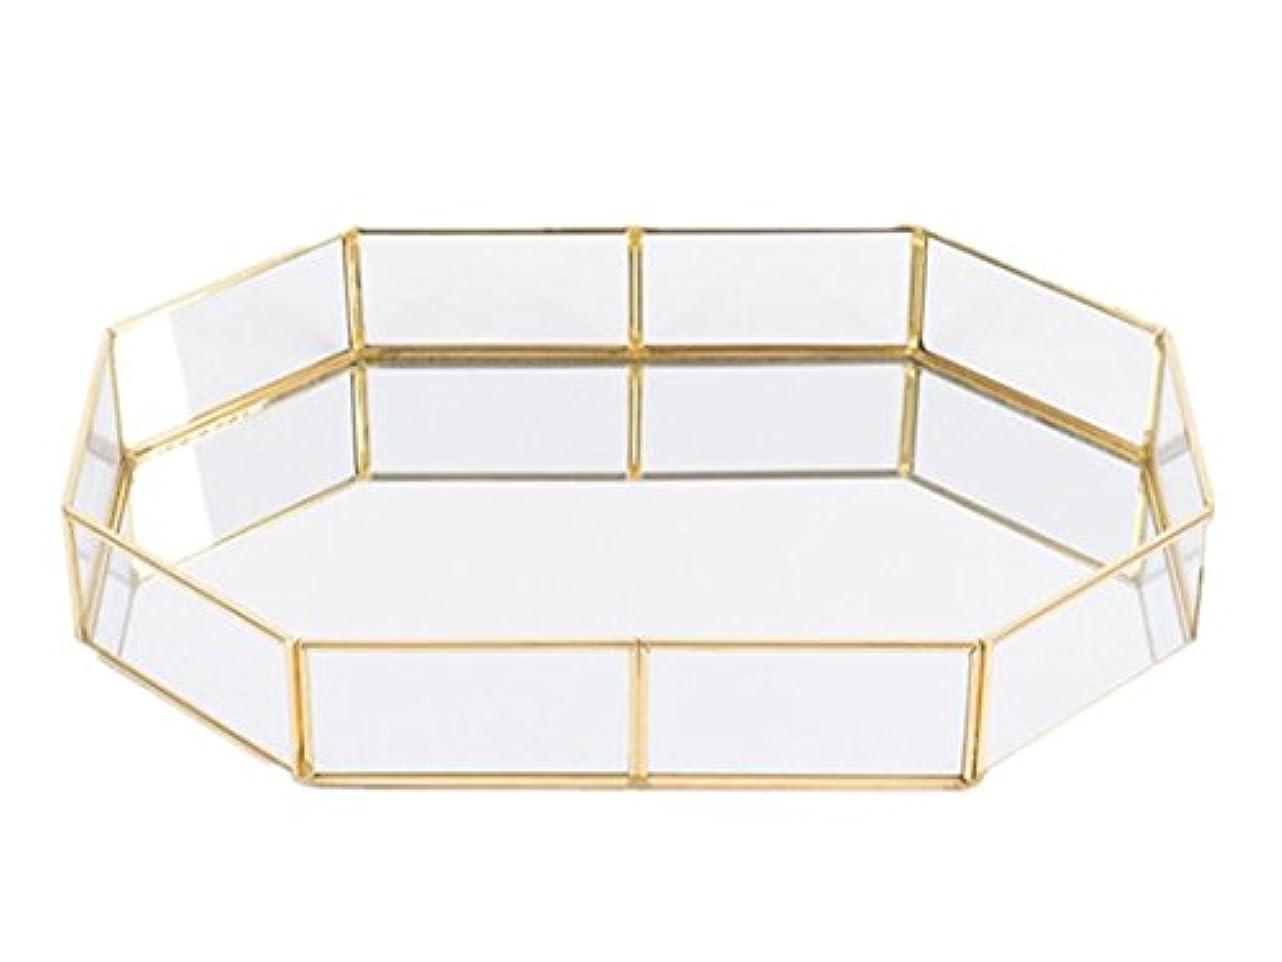 小道交換批判的ポリゴン アンティーク調 トレー ガラスと真鍮でできたキャッシュトレー シャンパンゴールドガラス装飾表示&整理ガラス 現金 トレイ ジュエリ